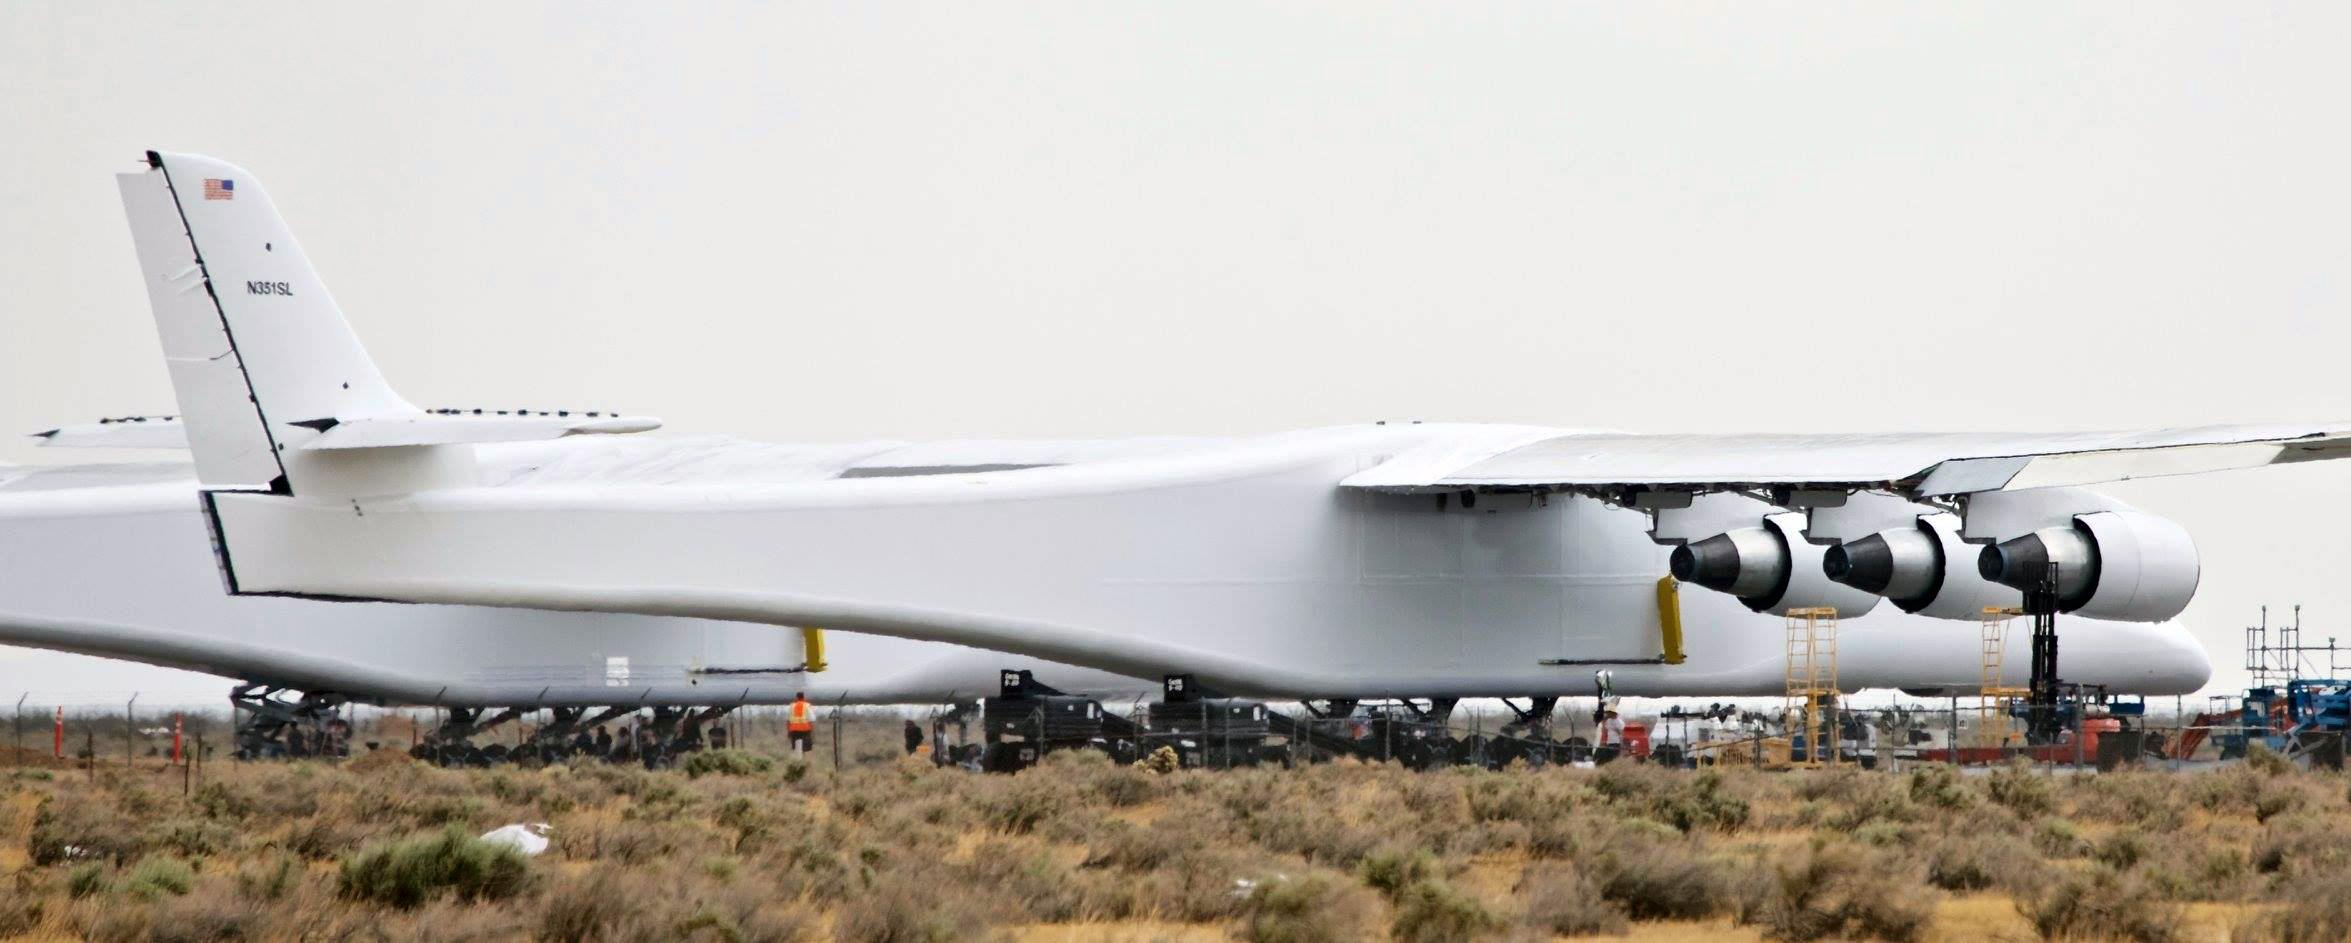 Самолет-носитель Stratolaunch на летном поле